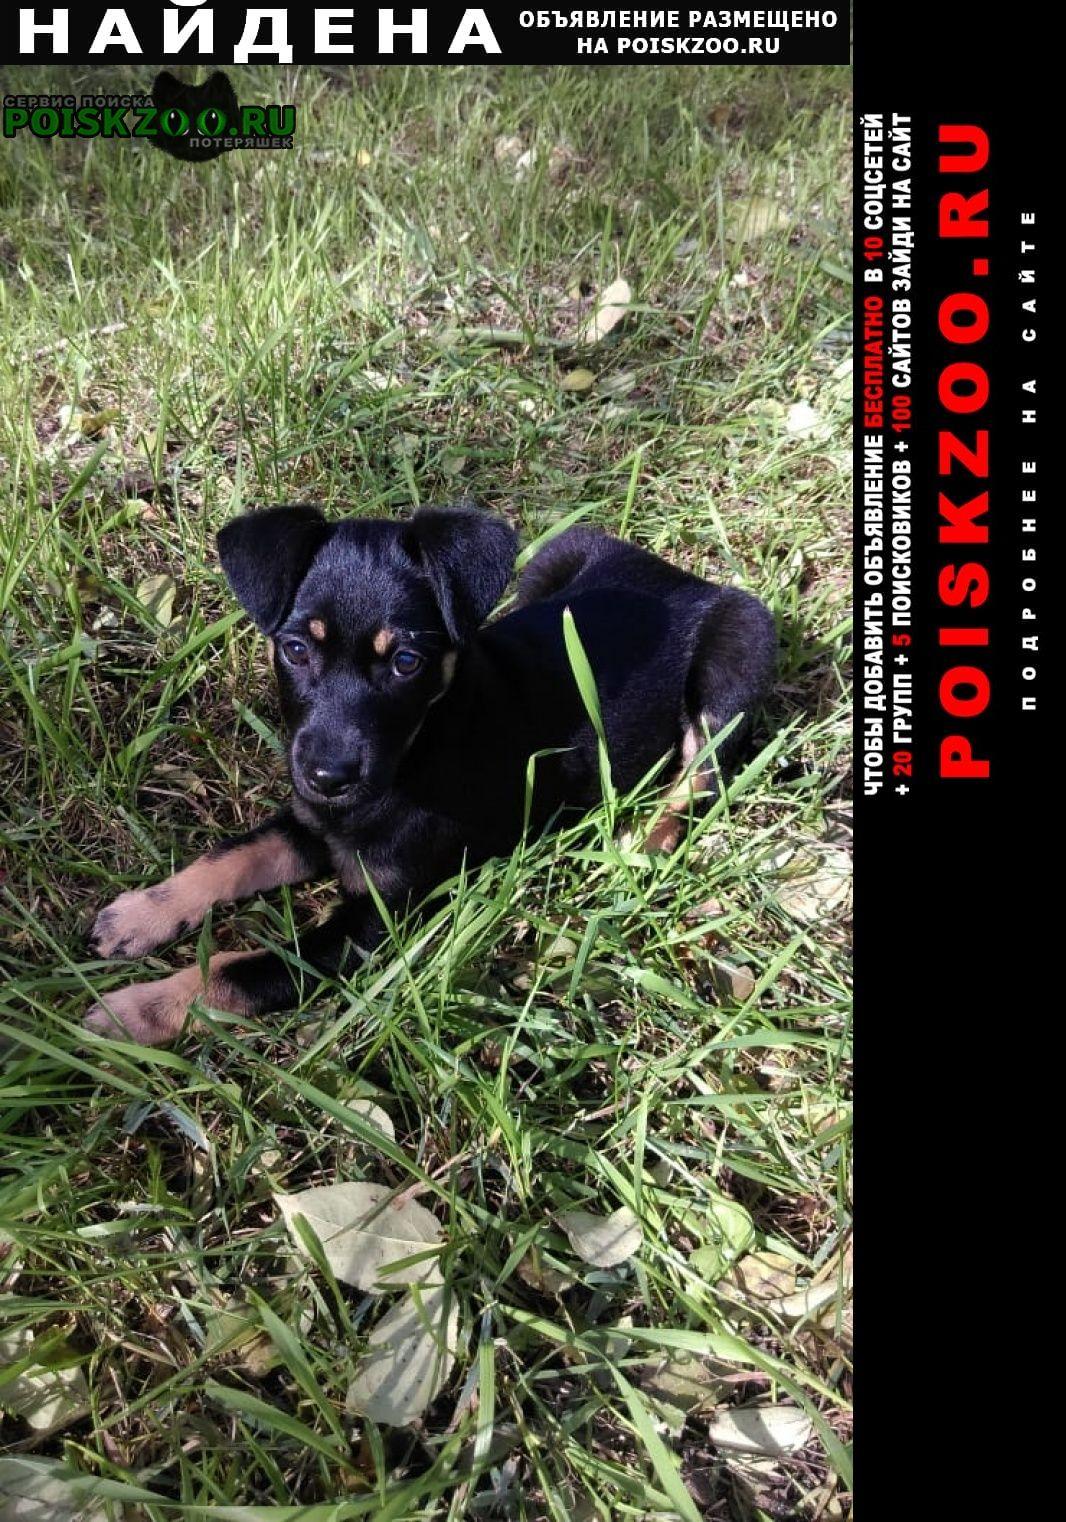 Найдена собака щенок девочка здоровая ухоженная Новосибирск